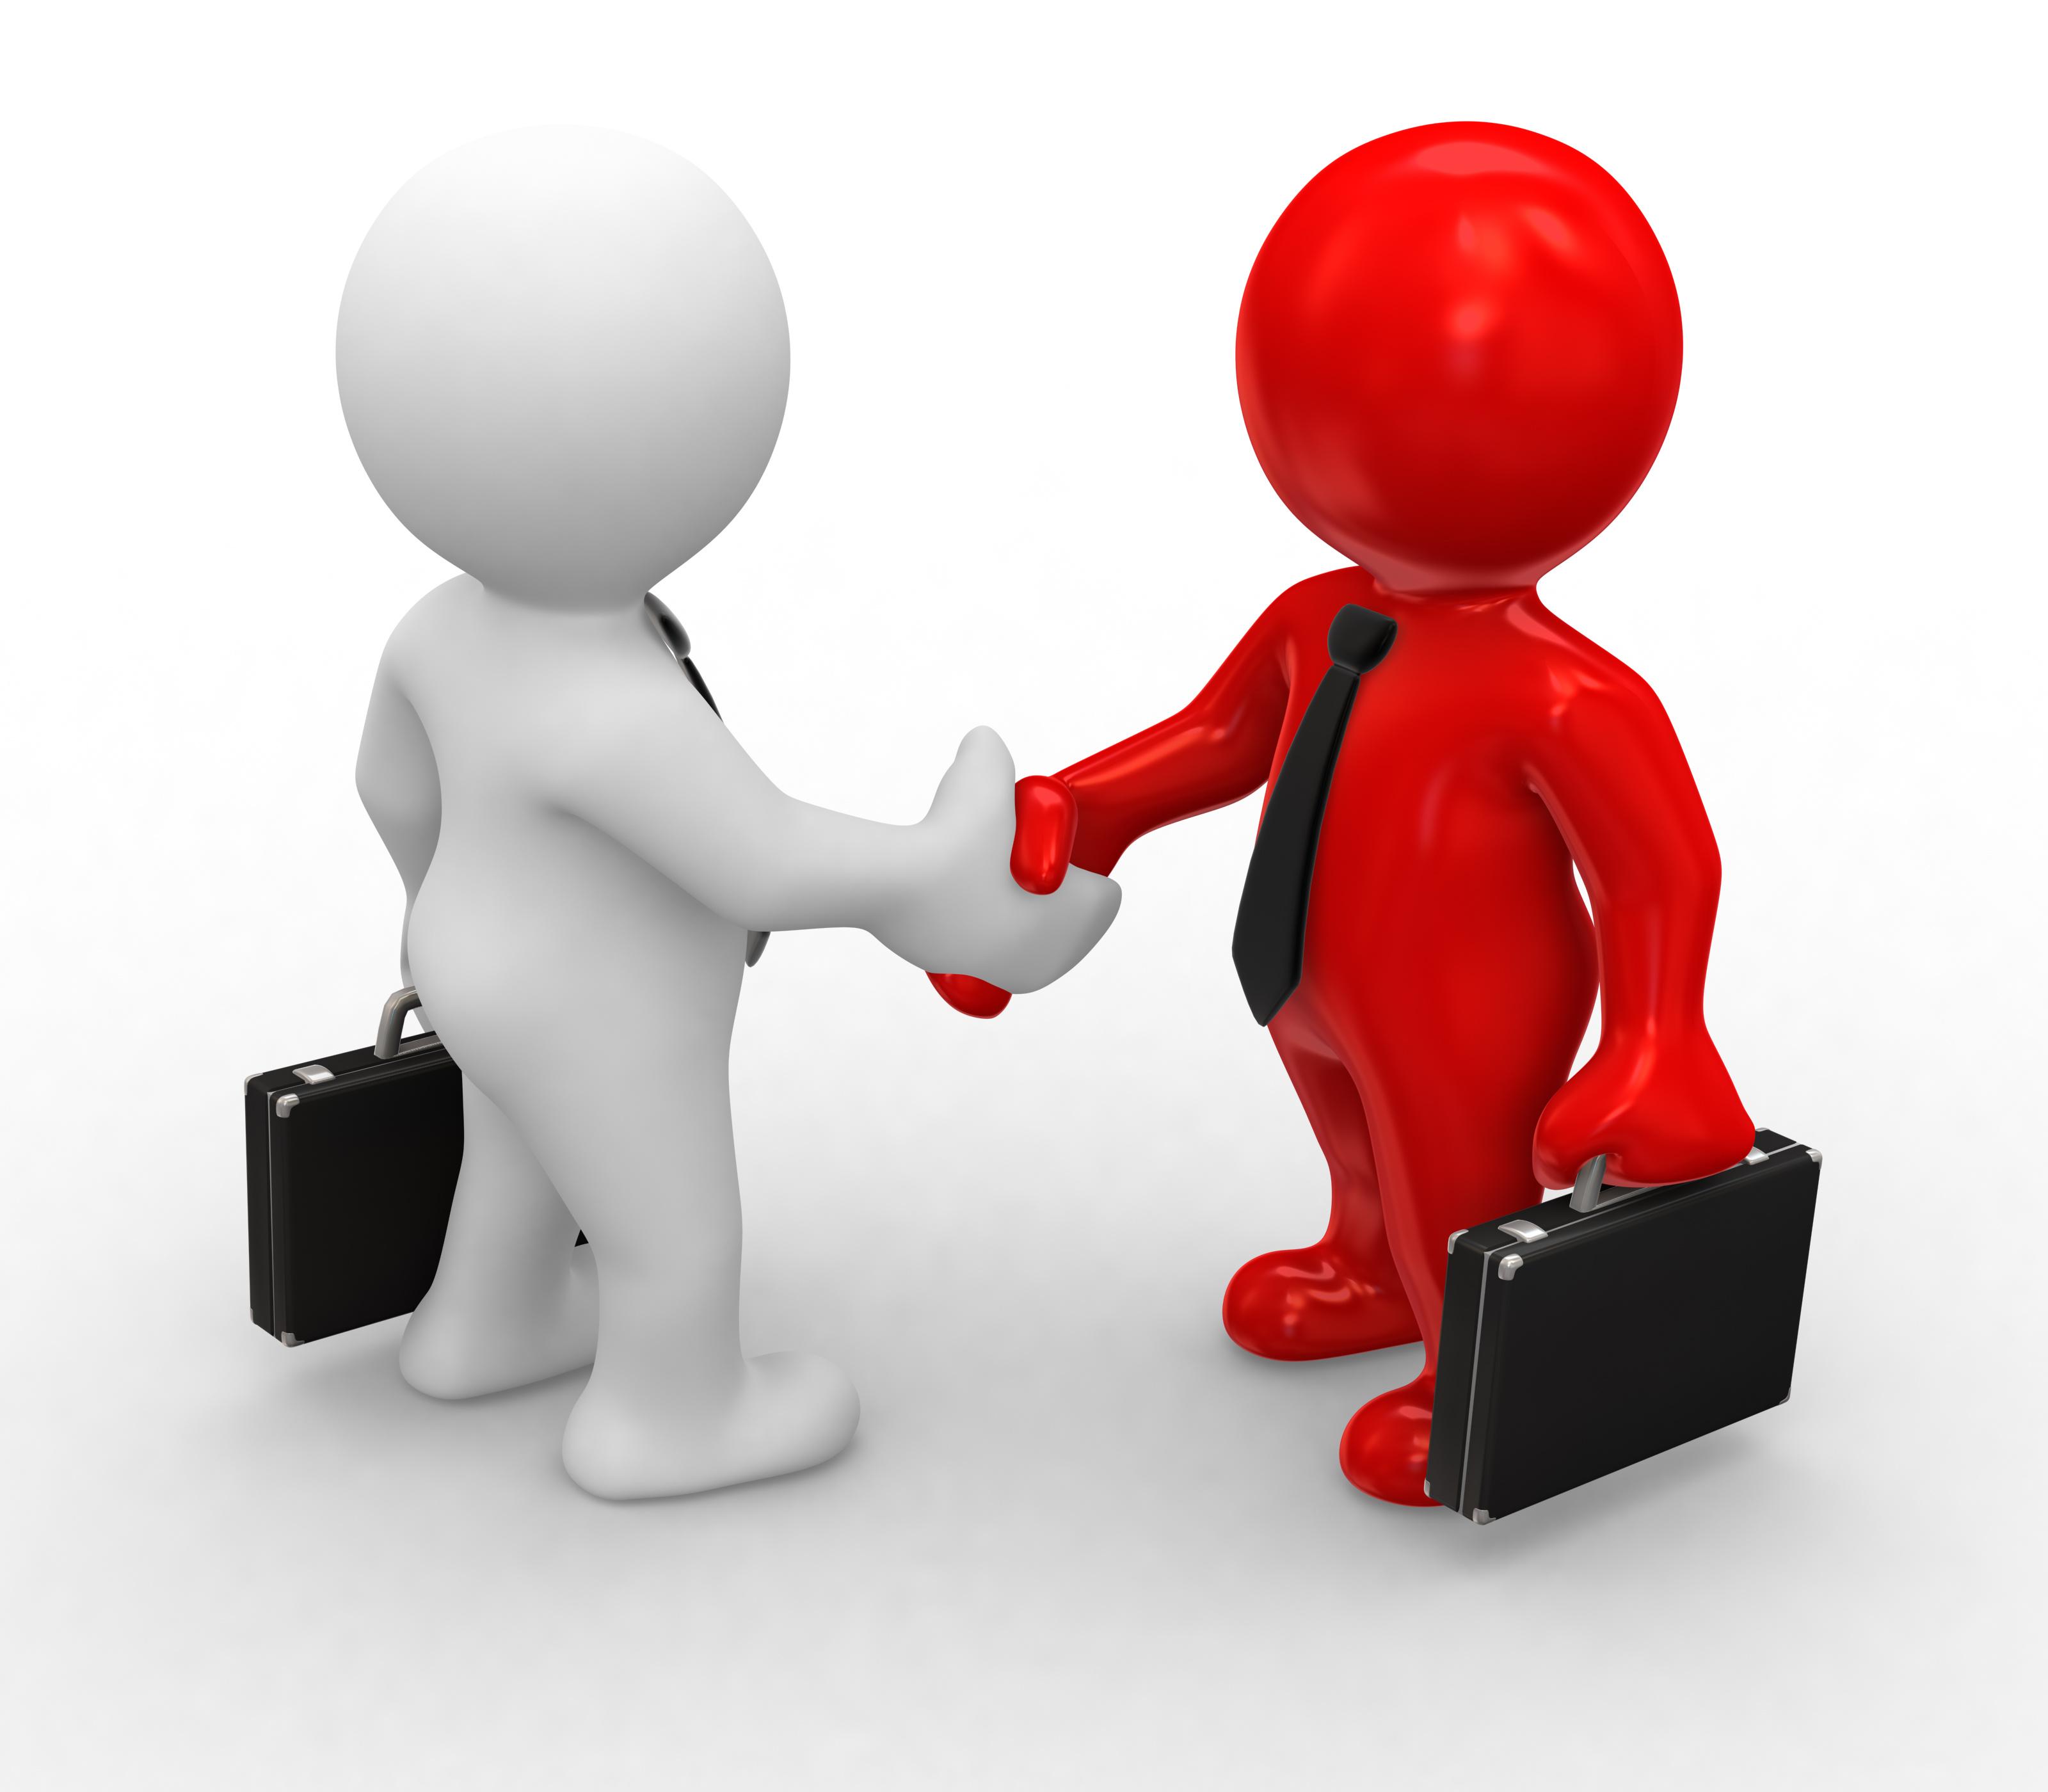 Года1 оформлять увольнение руководителя в вашей ситуации нужно на инструкцией основании пункта 1 статьи 278